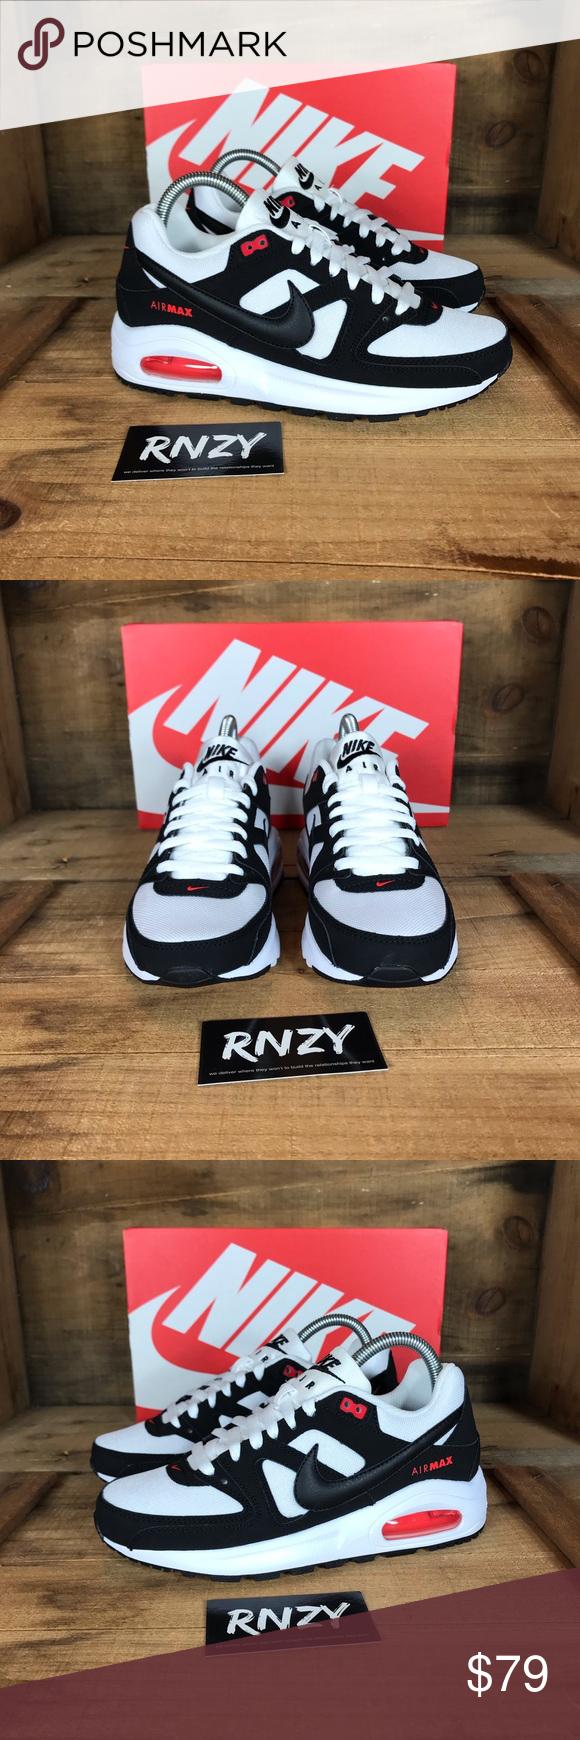 2cda25e23209 NEW Nike Air Max Flex Brand new. Never worn. Comes with original box.